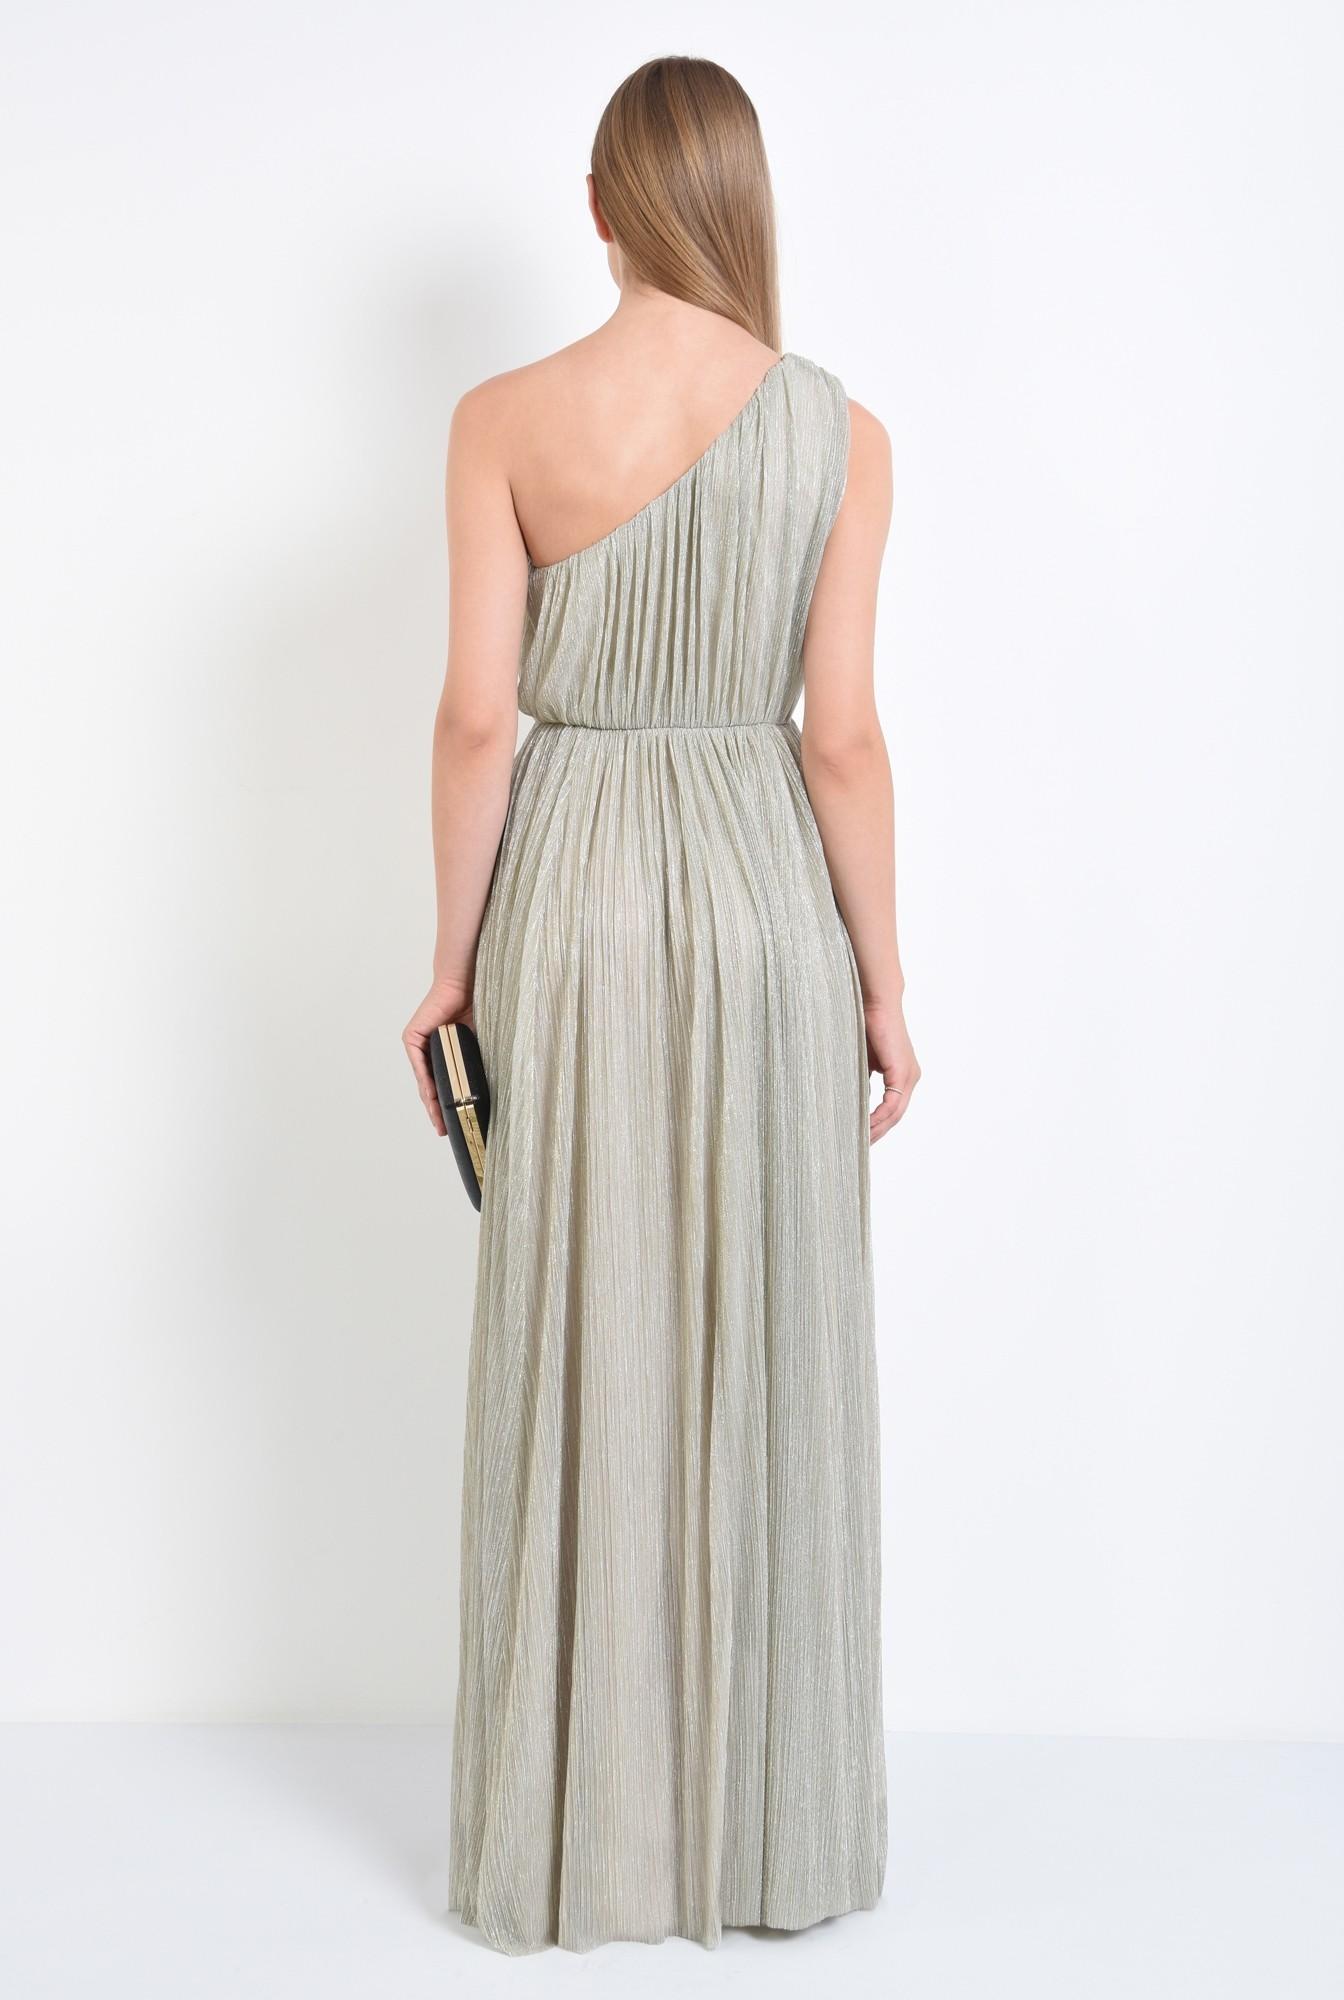 1 - rochie eleganta, lunga, lurex, argintiu, cu umarul gol